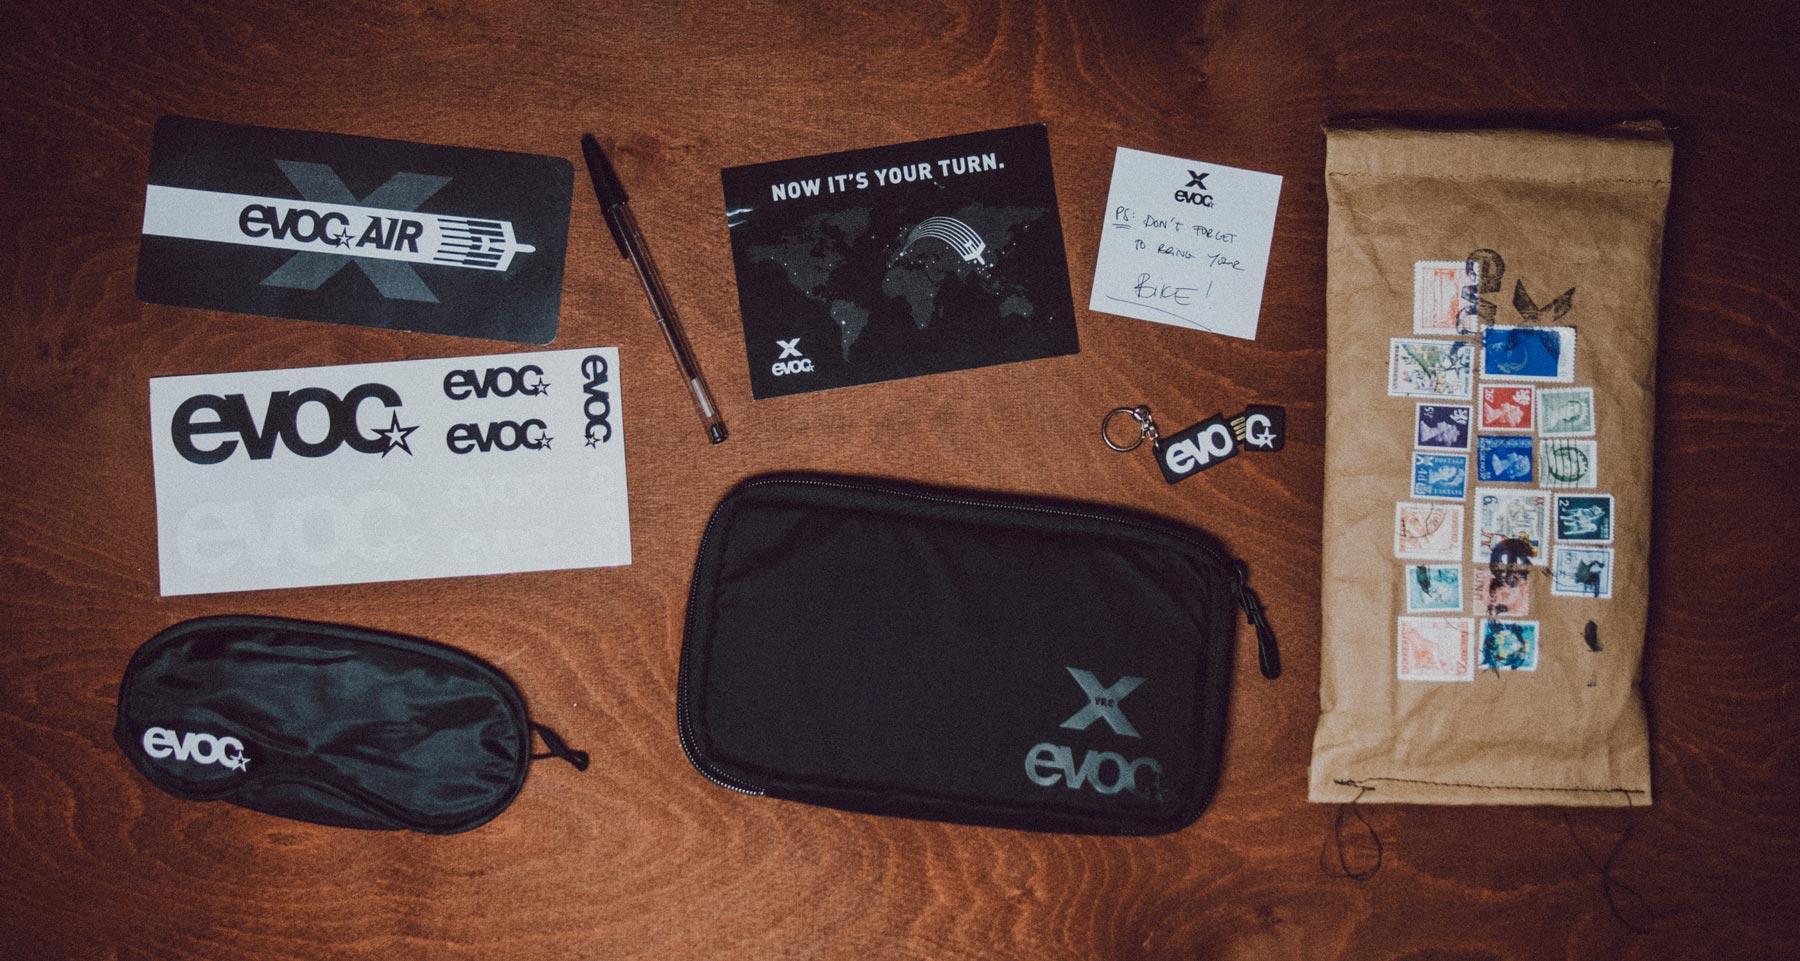 Man sieht alle Bestandteile des Einladungs-Mailing für Distributoren zum 10-Jährigen Jubiläum von evoc sports. Ein Flugticket, eine kleine Evoc-Tasche und ein Schlüsselanhänger sind u.a. abgebildet. Idee und Design sind von MAJORMAJOR.